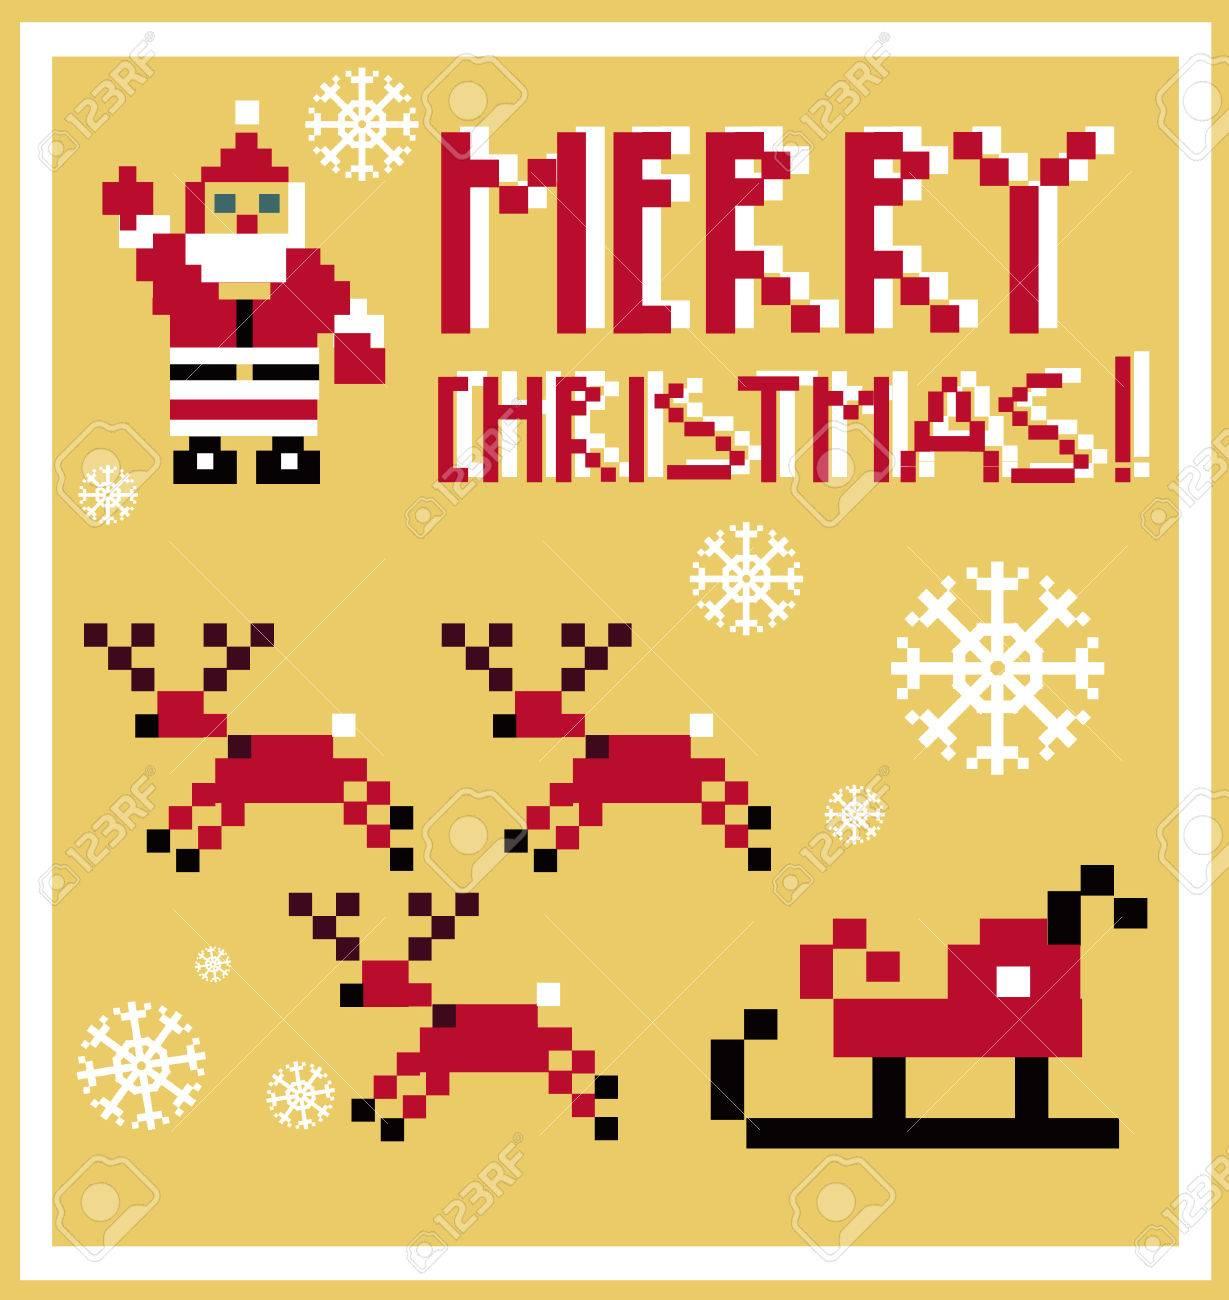 Pixel Vacances De Renne Du Père Noël Icônes De Traîneau Mis Thème Dans Le Style Pixel Art Illustration Vectorielle